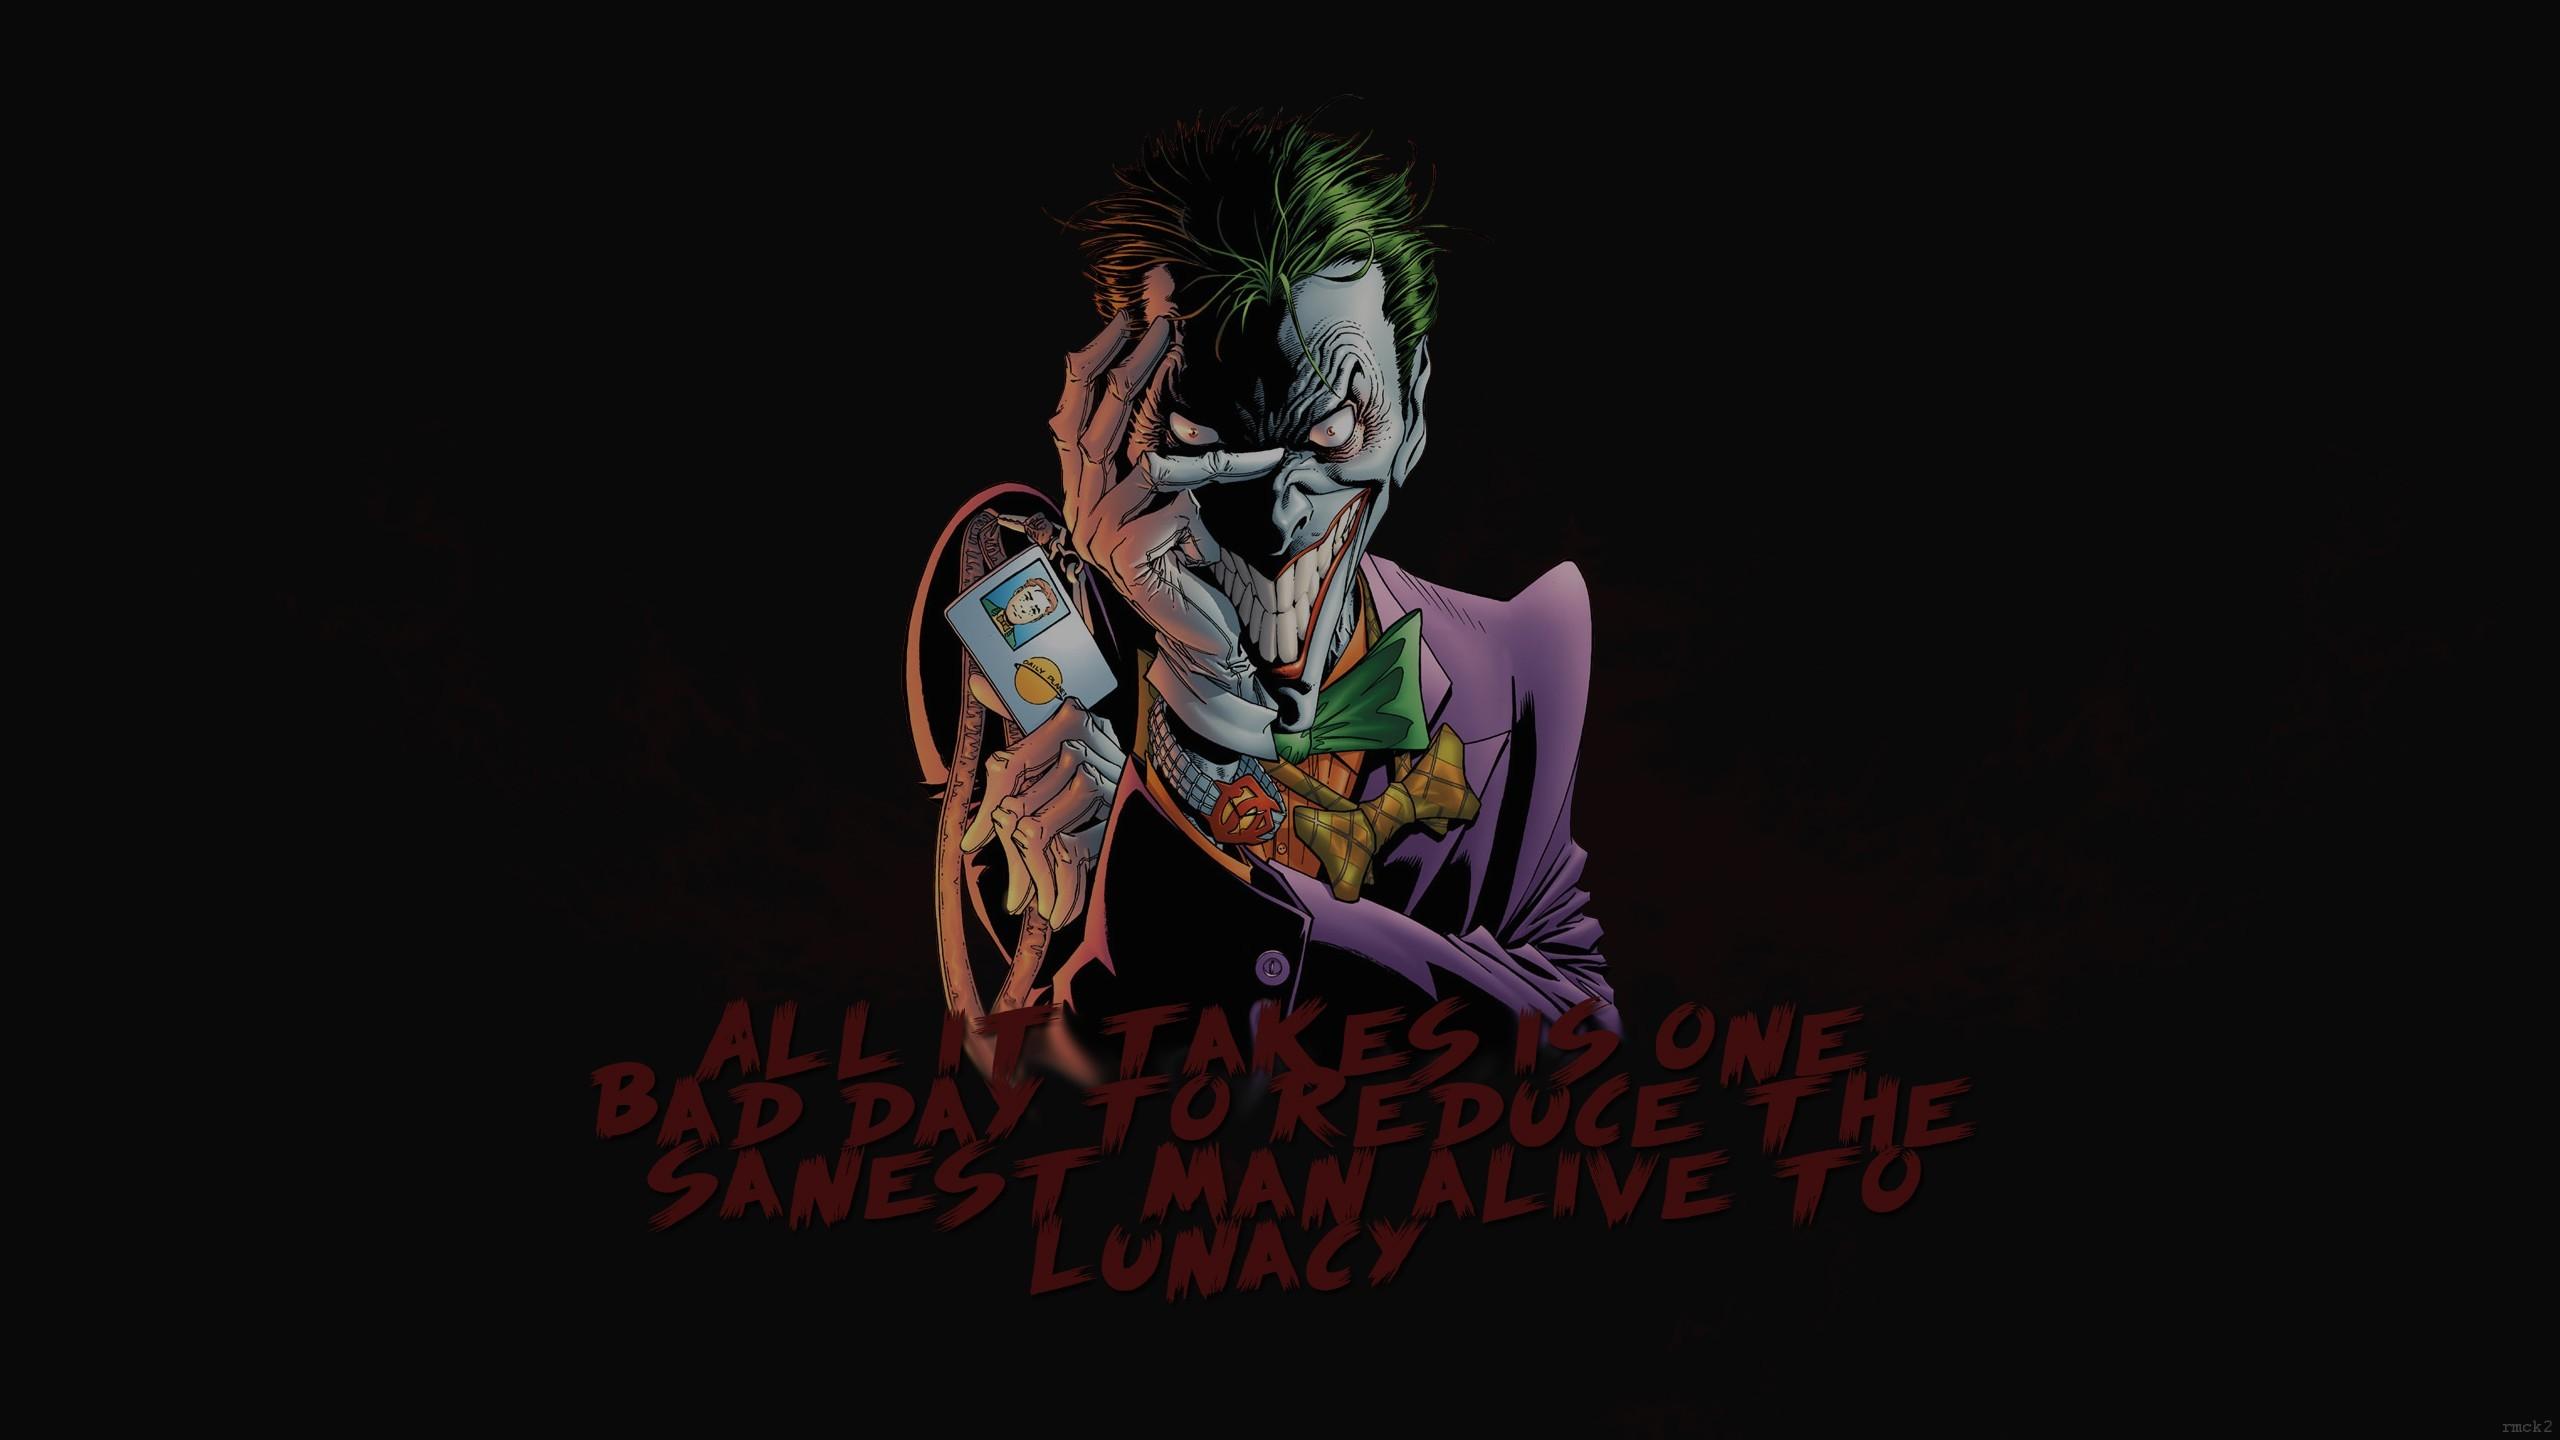 Joker, Batman Begins, Quote Wallpapers HD / Desktop and Mobile Backgrounds